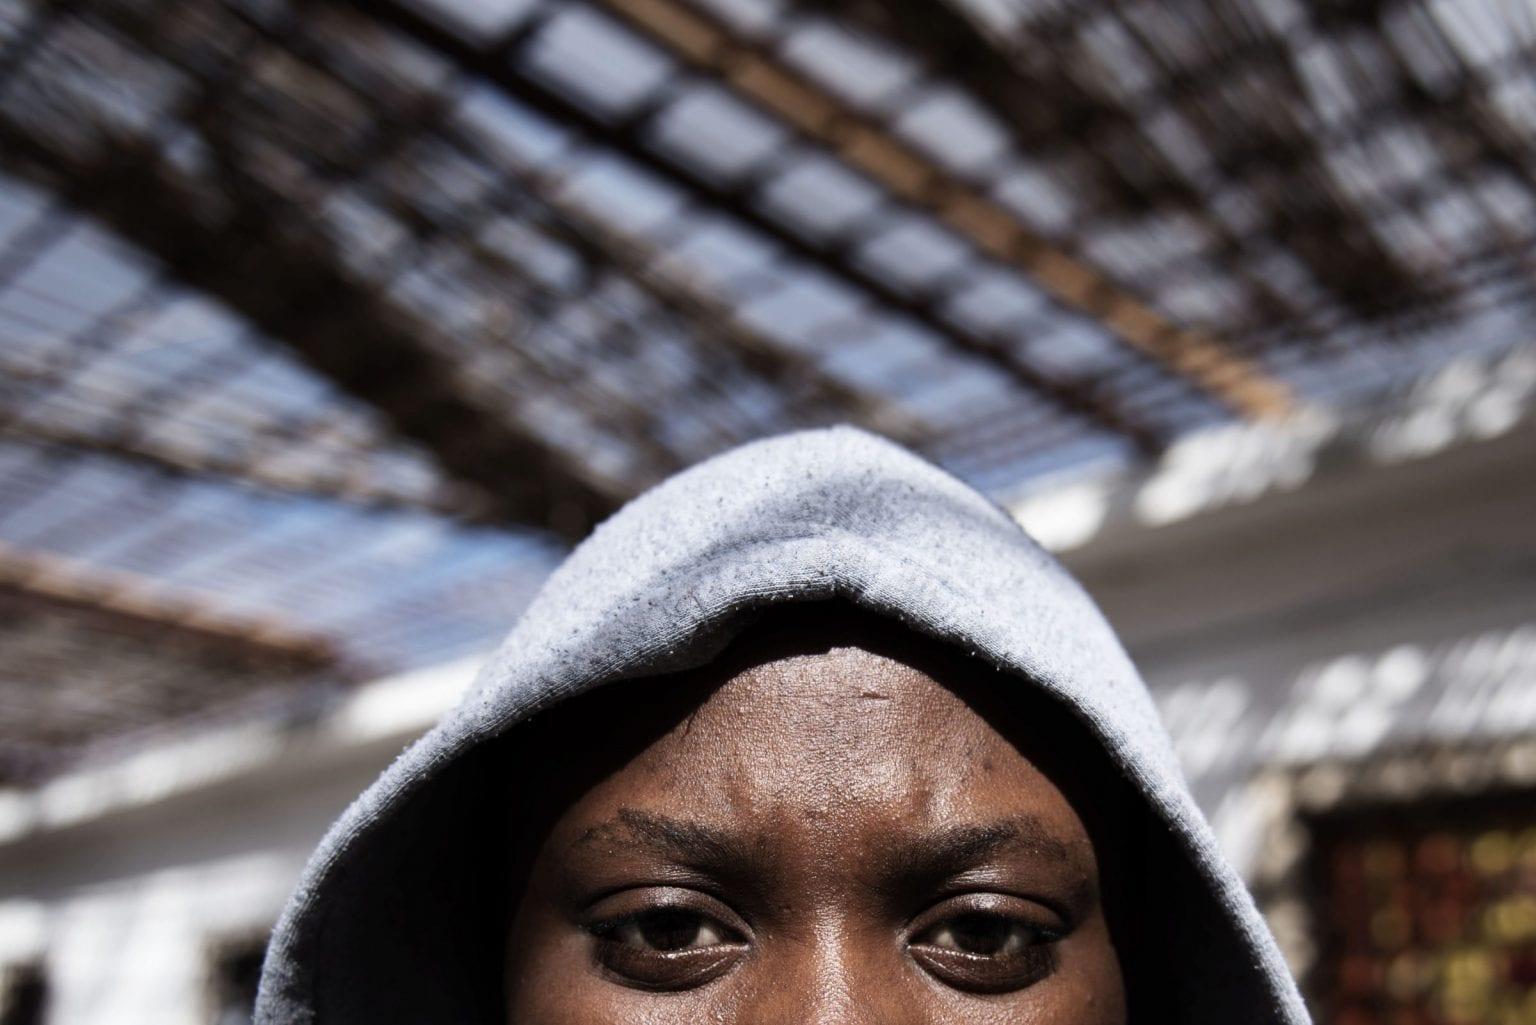 Voldtægt, afpresning, tortur og menneskehandel er udbredt i Libyens kaotiske migrantsystem. Foto: UNICEF